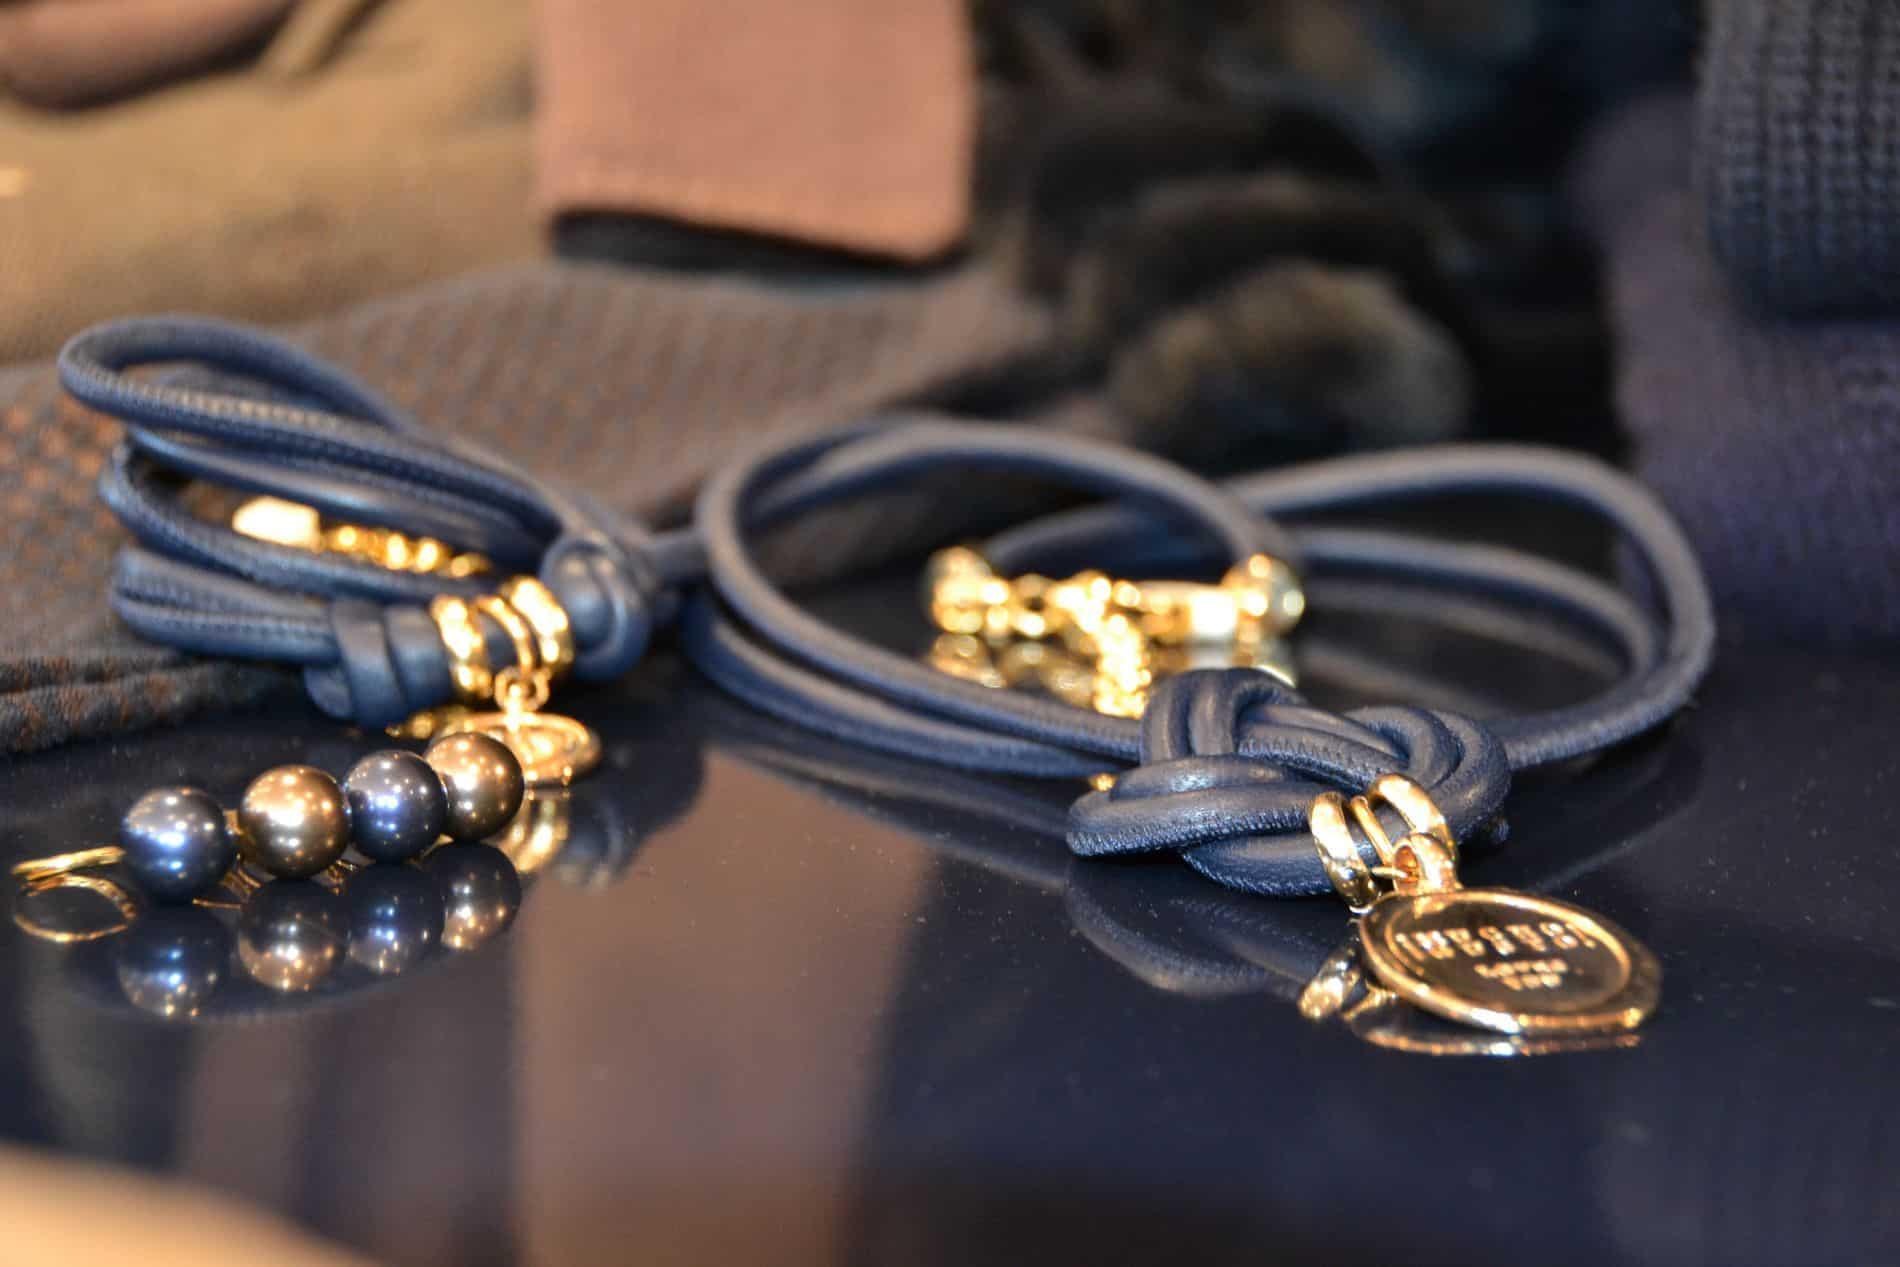 Luxe sierraden en bijouterie bij Modici damesmode in Laren (Nh)